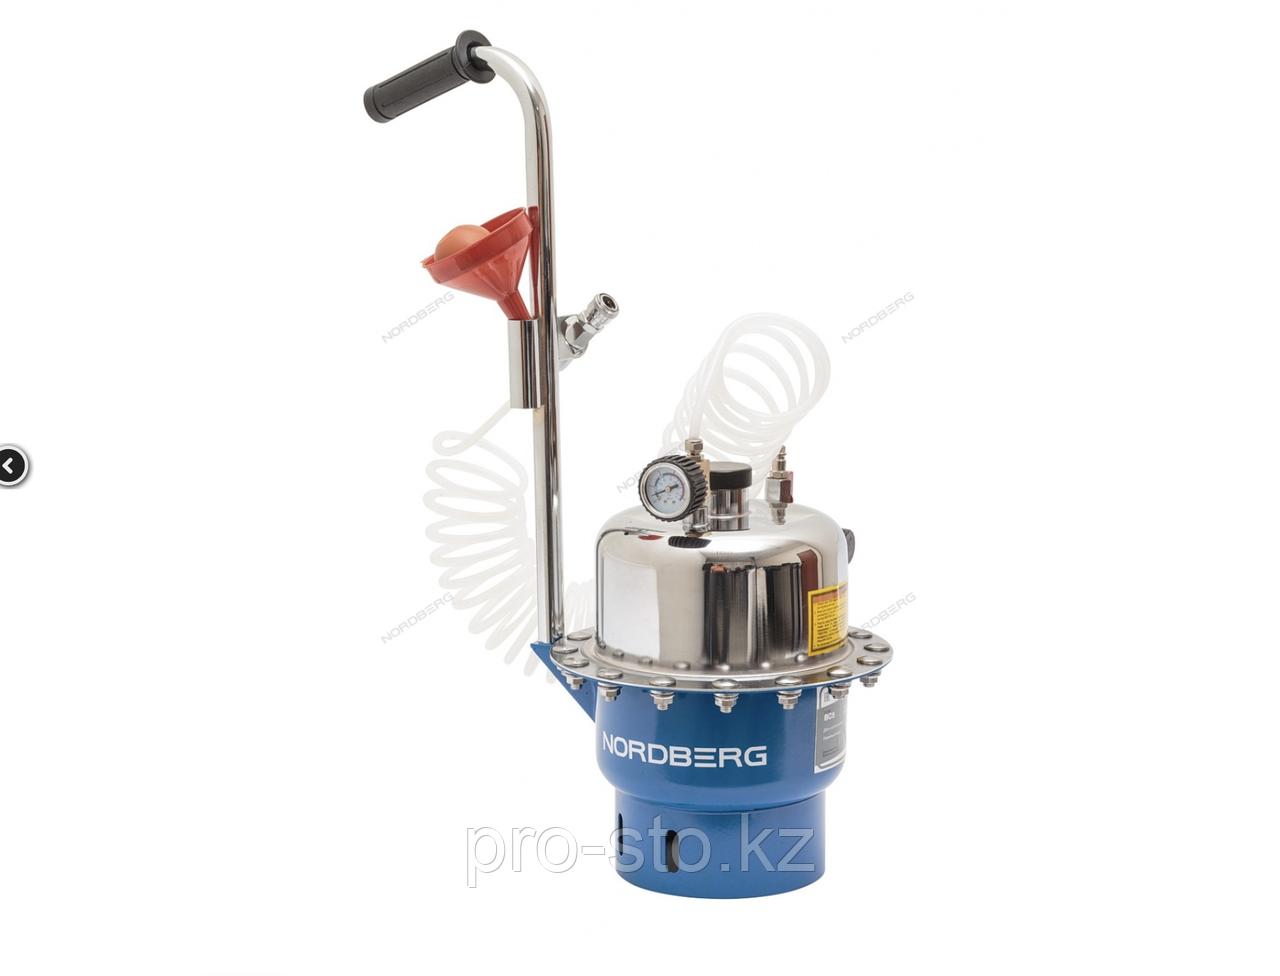 Установка пневматическая для прокачки тормозной системы и системы сцепления